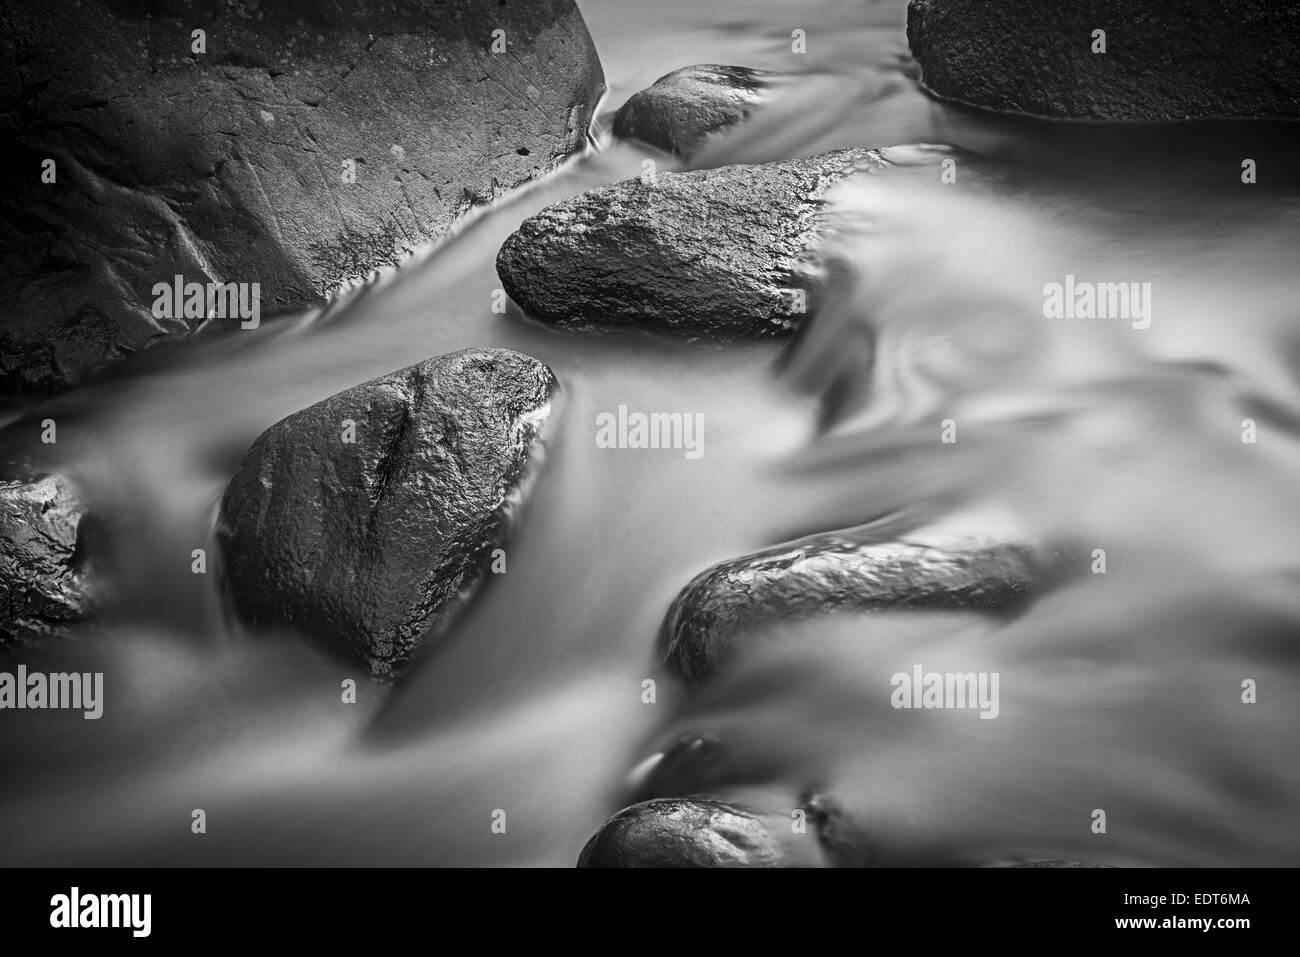 Fließendes Wasser & Felsen im Stream schwarz & weiß Stockbild